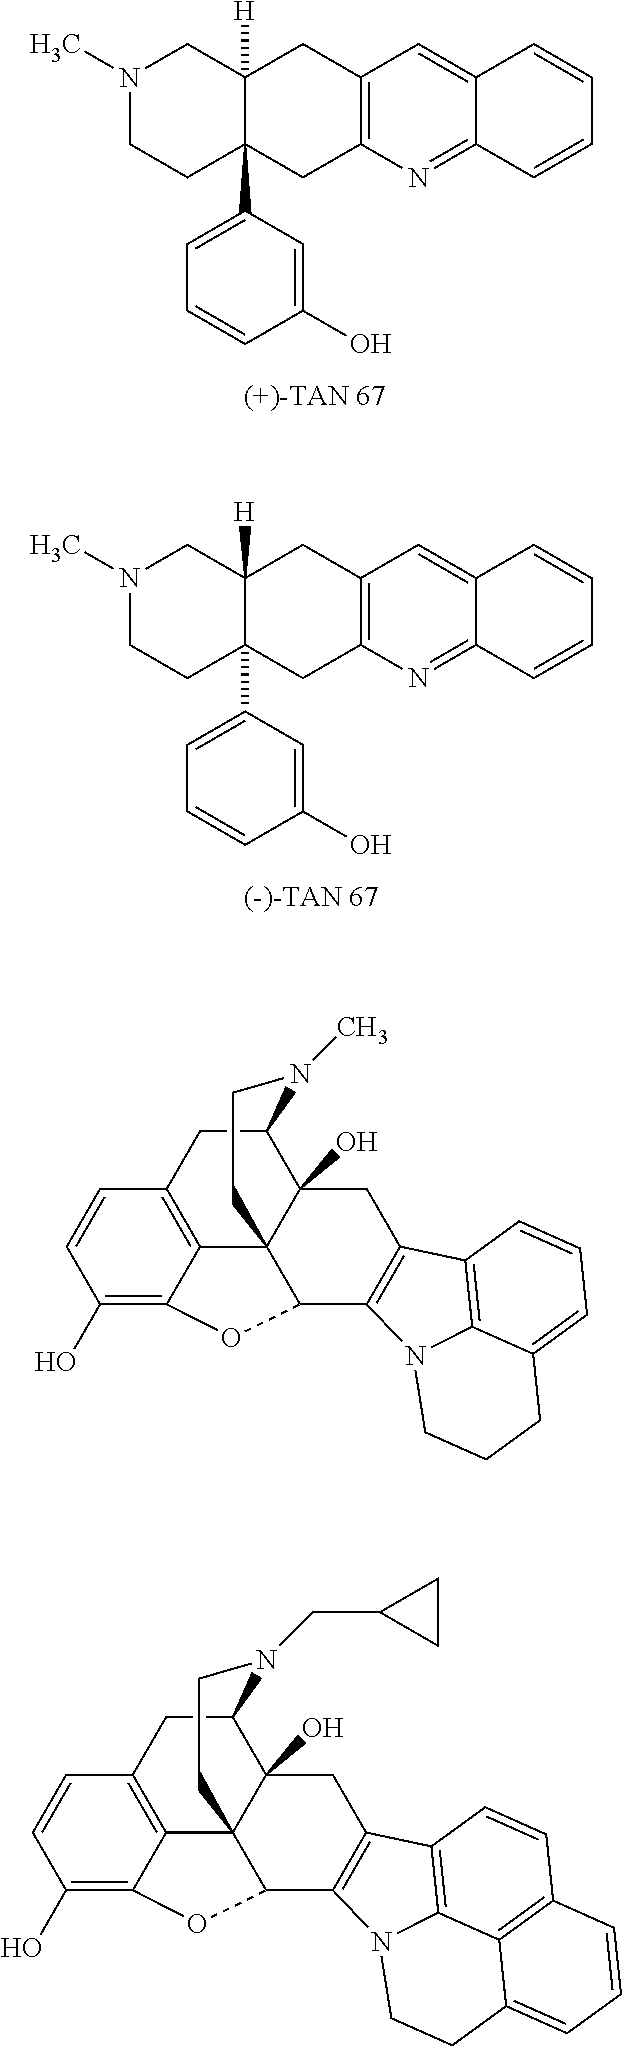 Figure US08957085-20150217-C00011